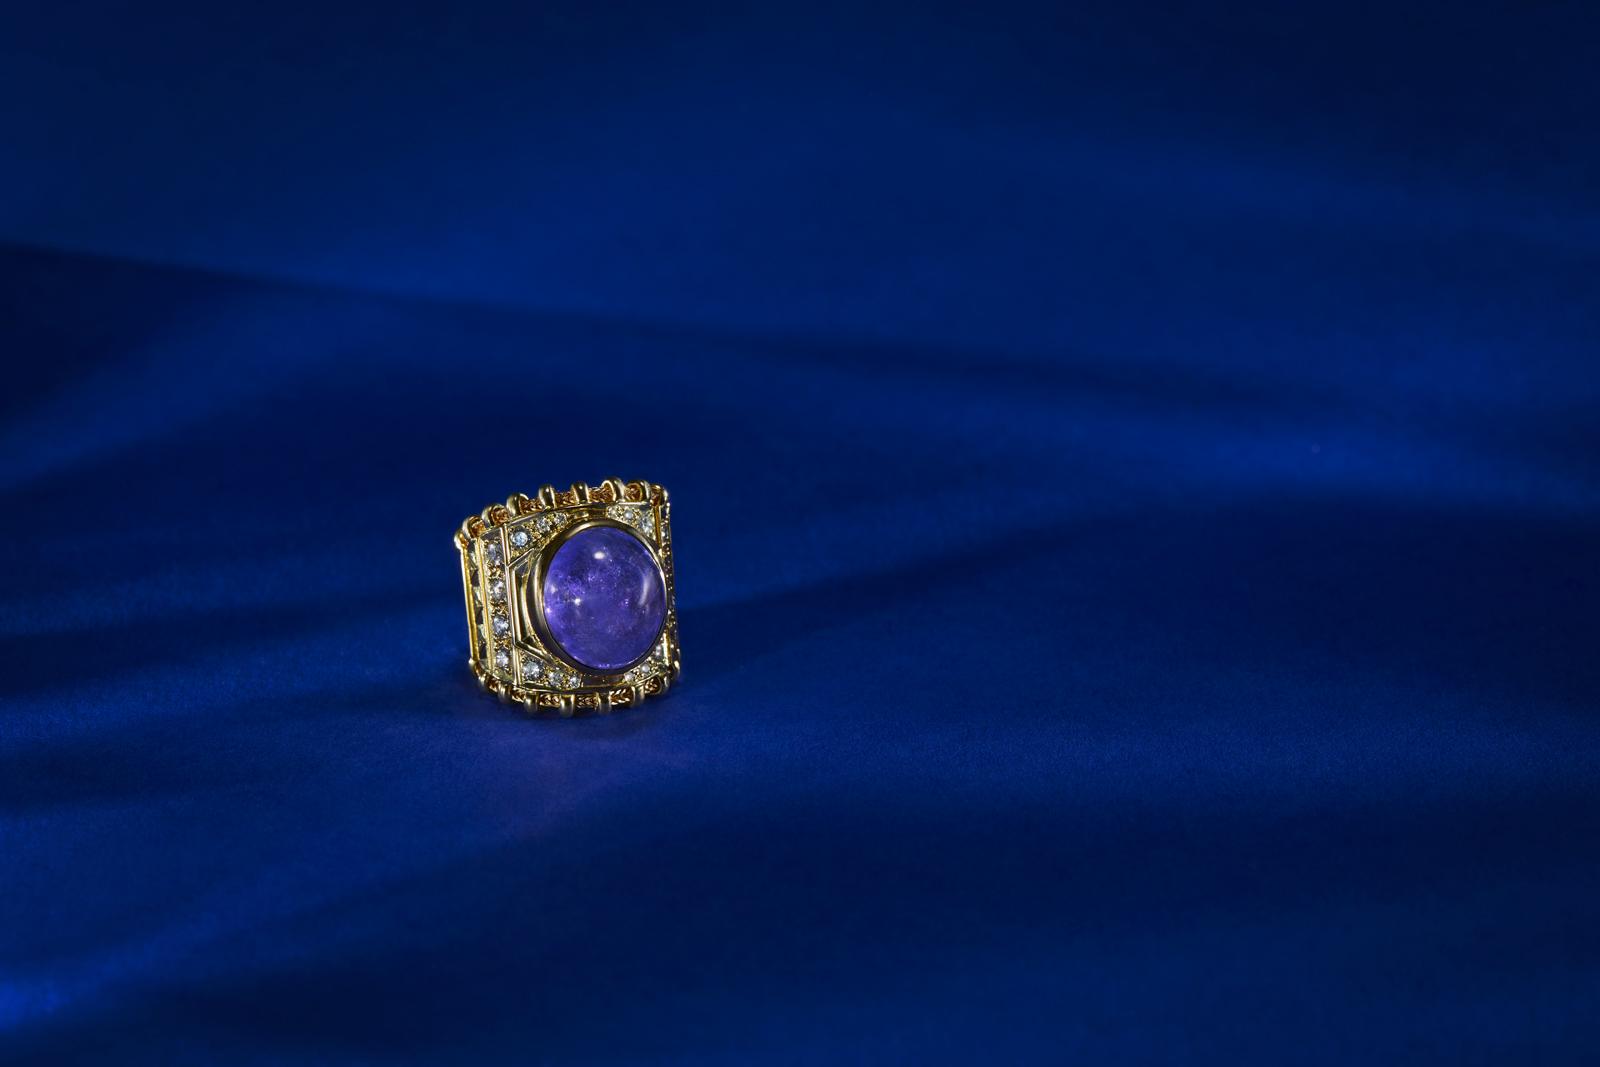 Elizabeth Gage Ring designer